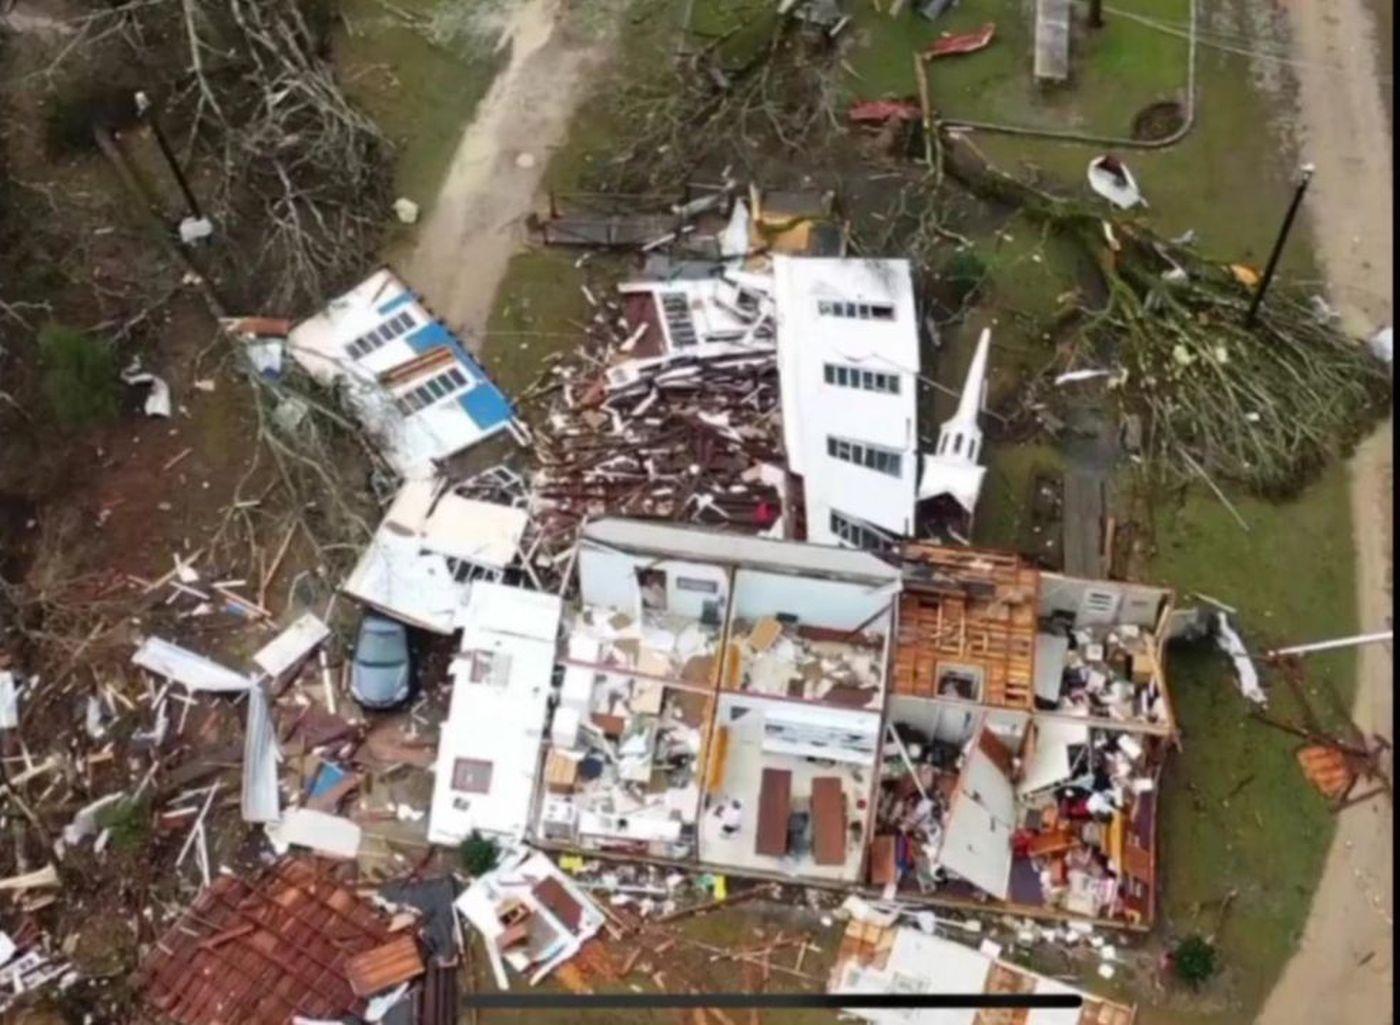 龙卷风侵袭阿拉巴马州卡尔洪郡,造成至少5人死亡